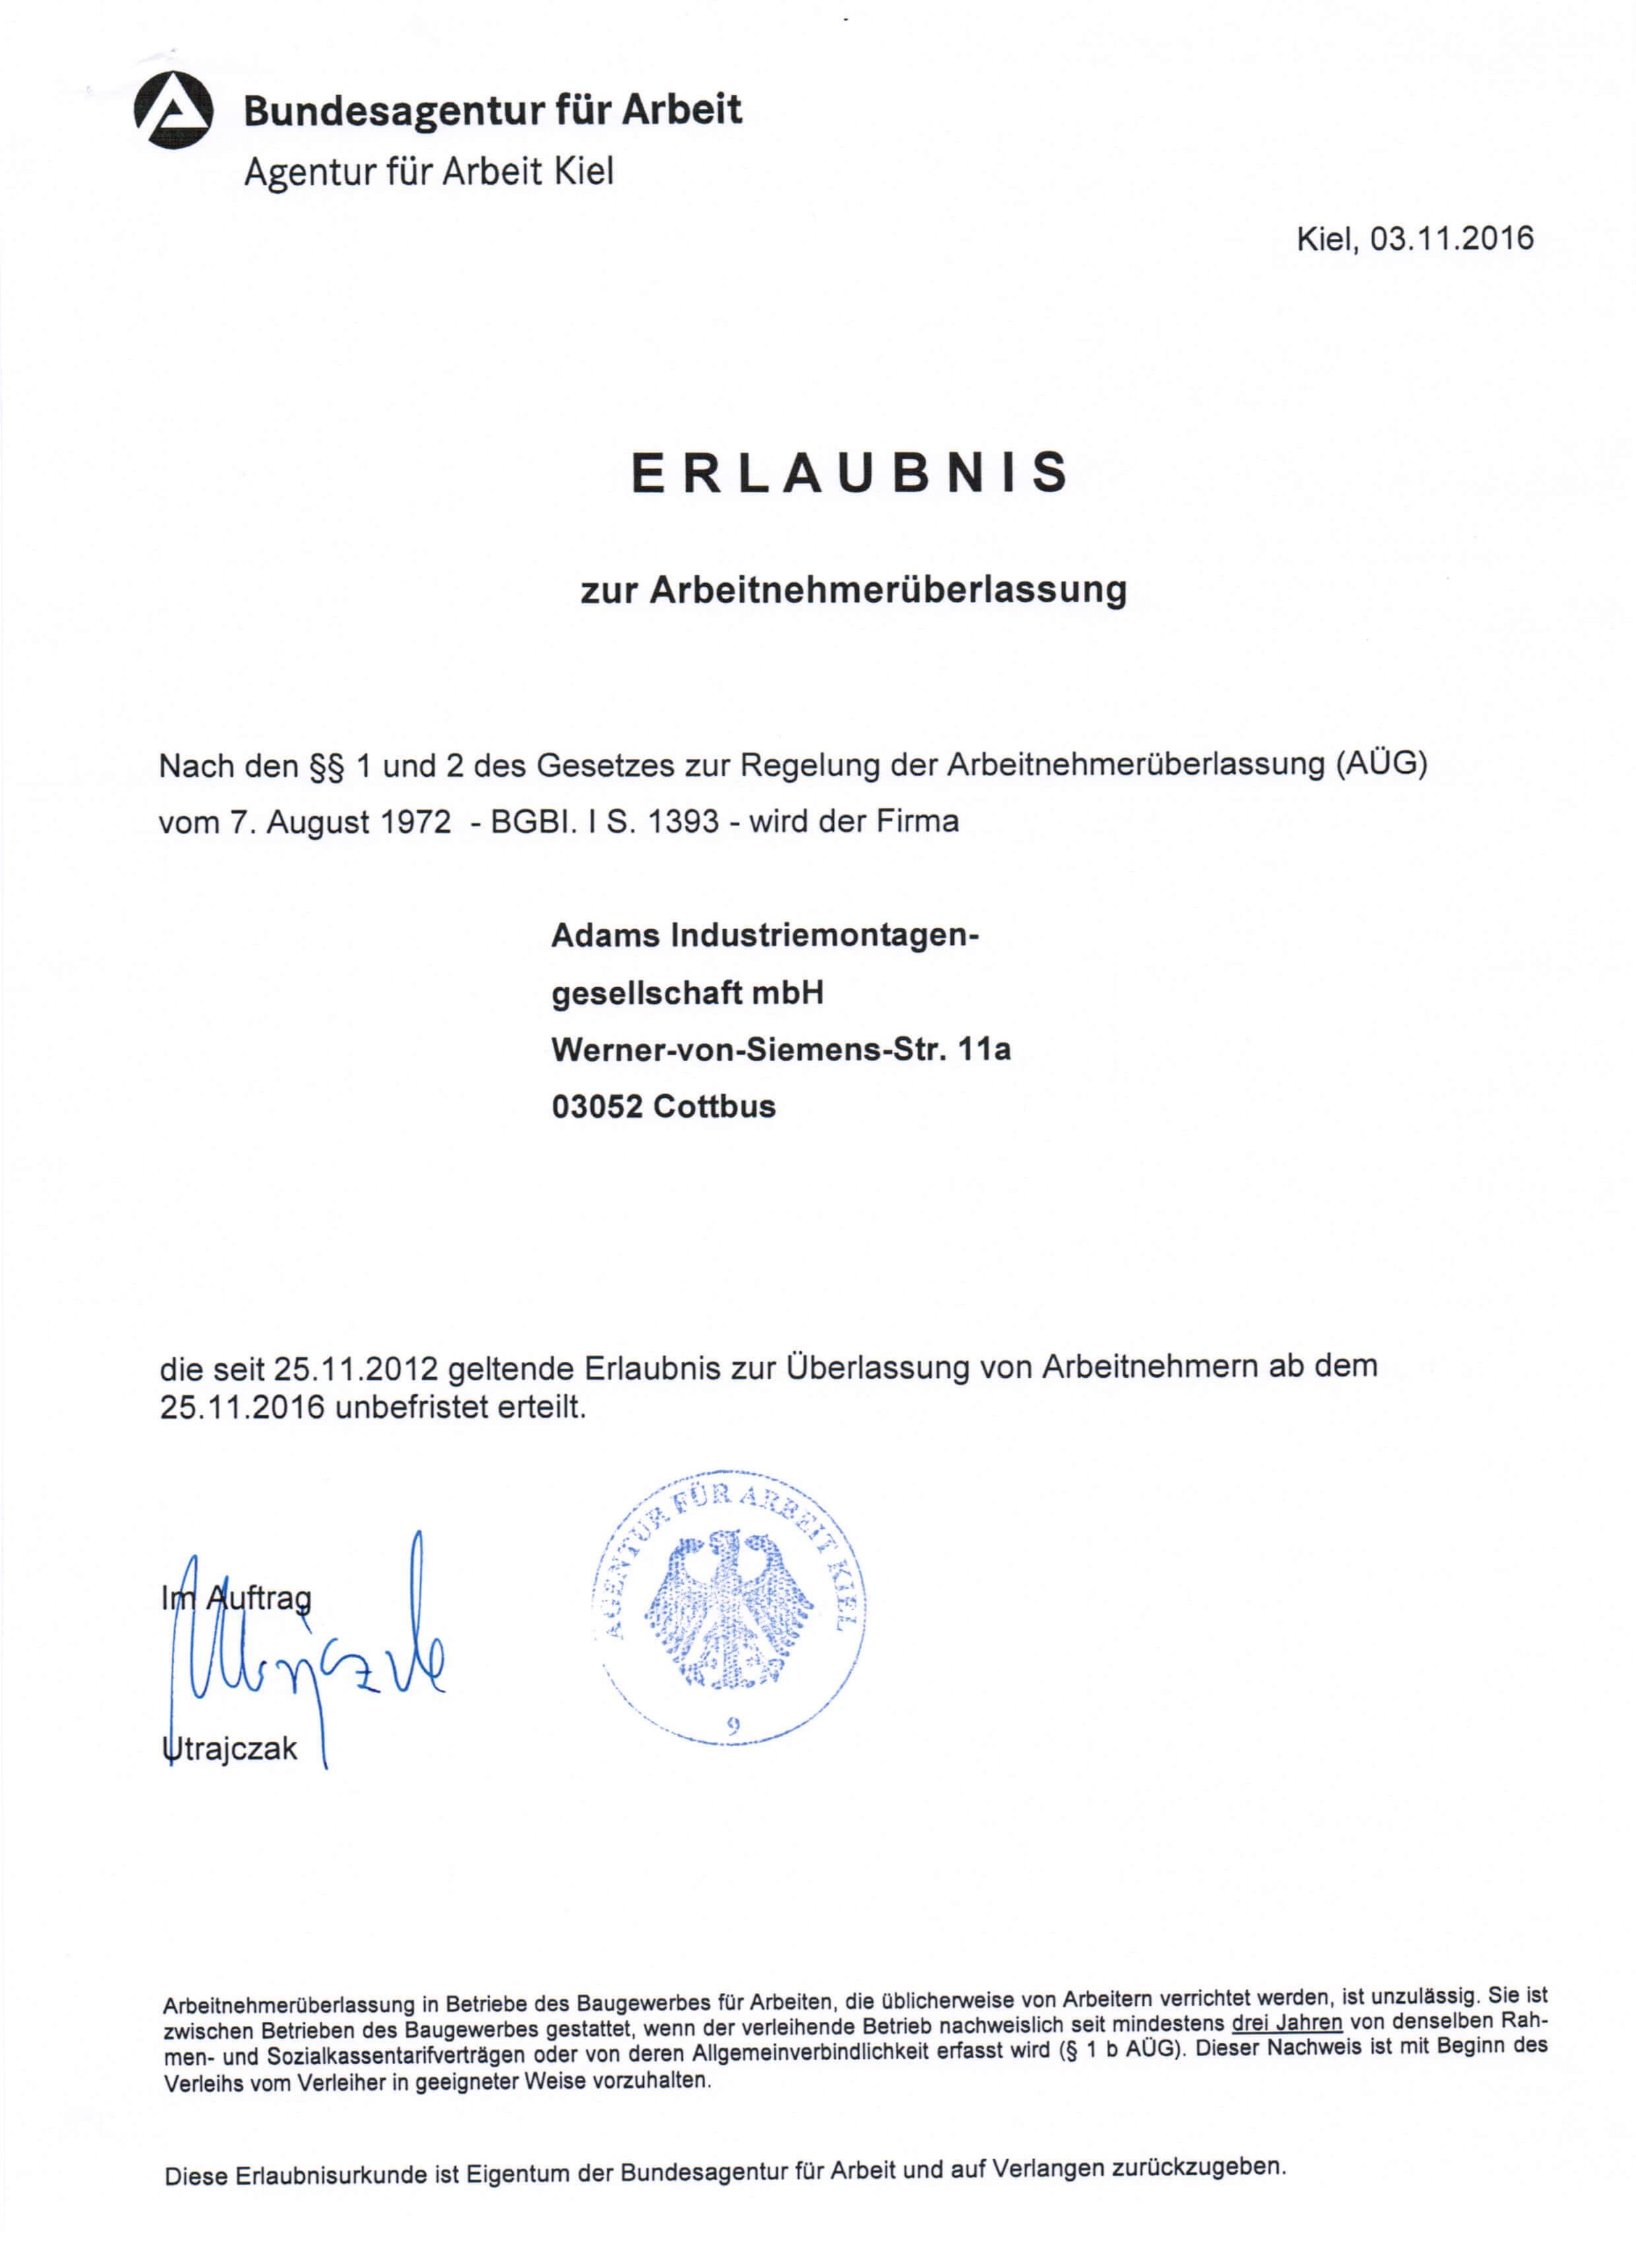 adams-unternemnen-erlaubnis-agentur-fuer-arbeit